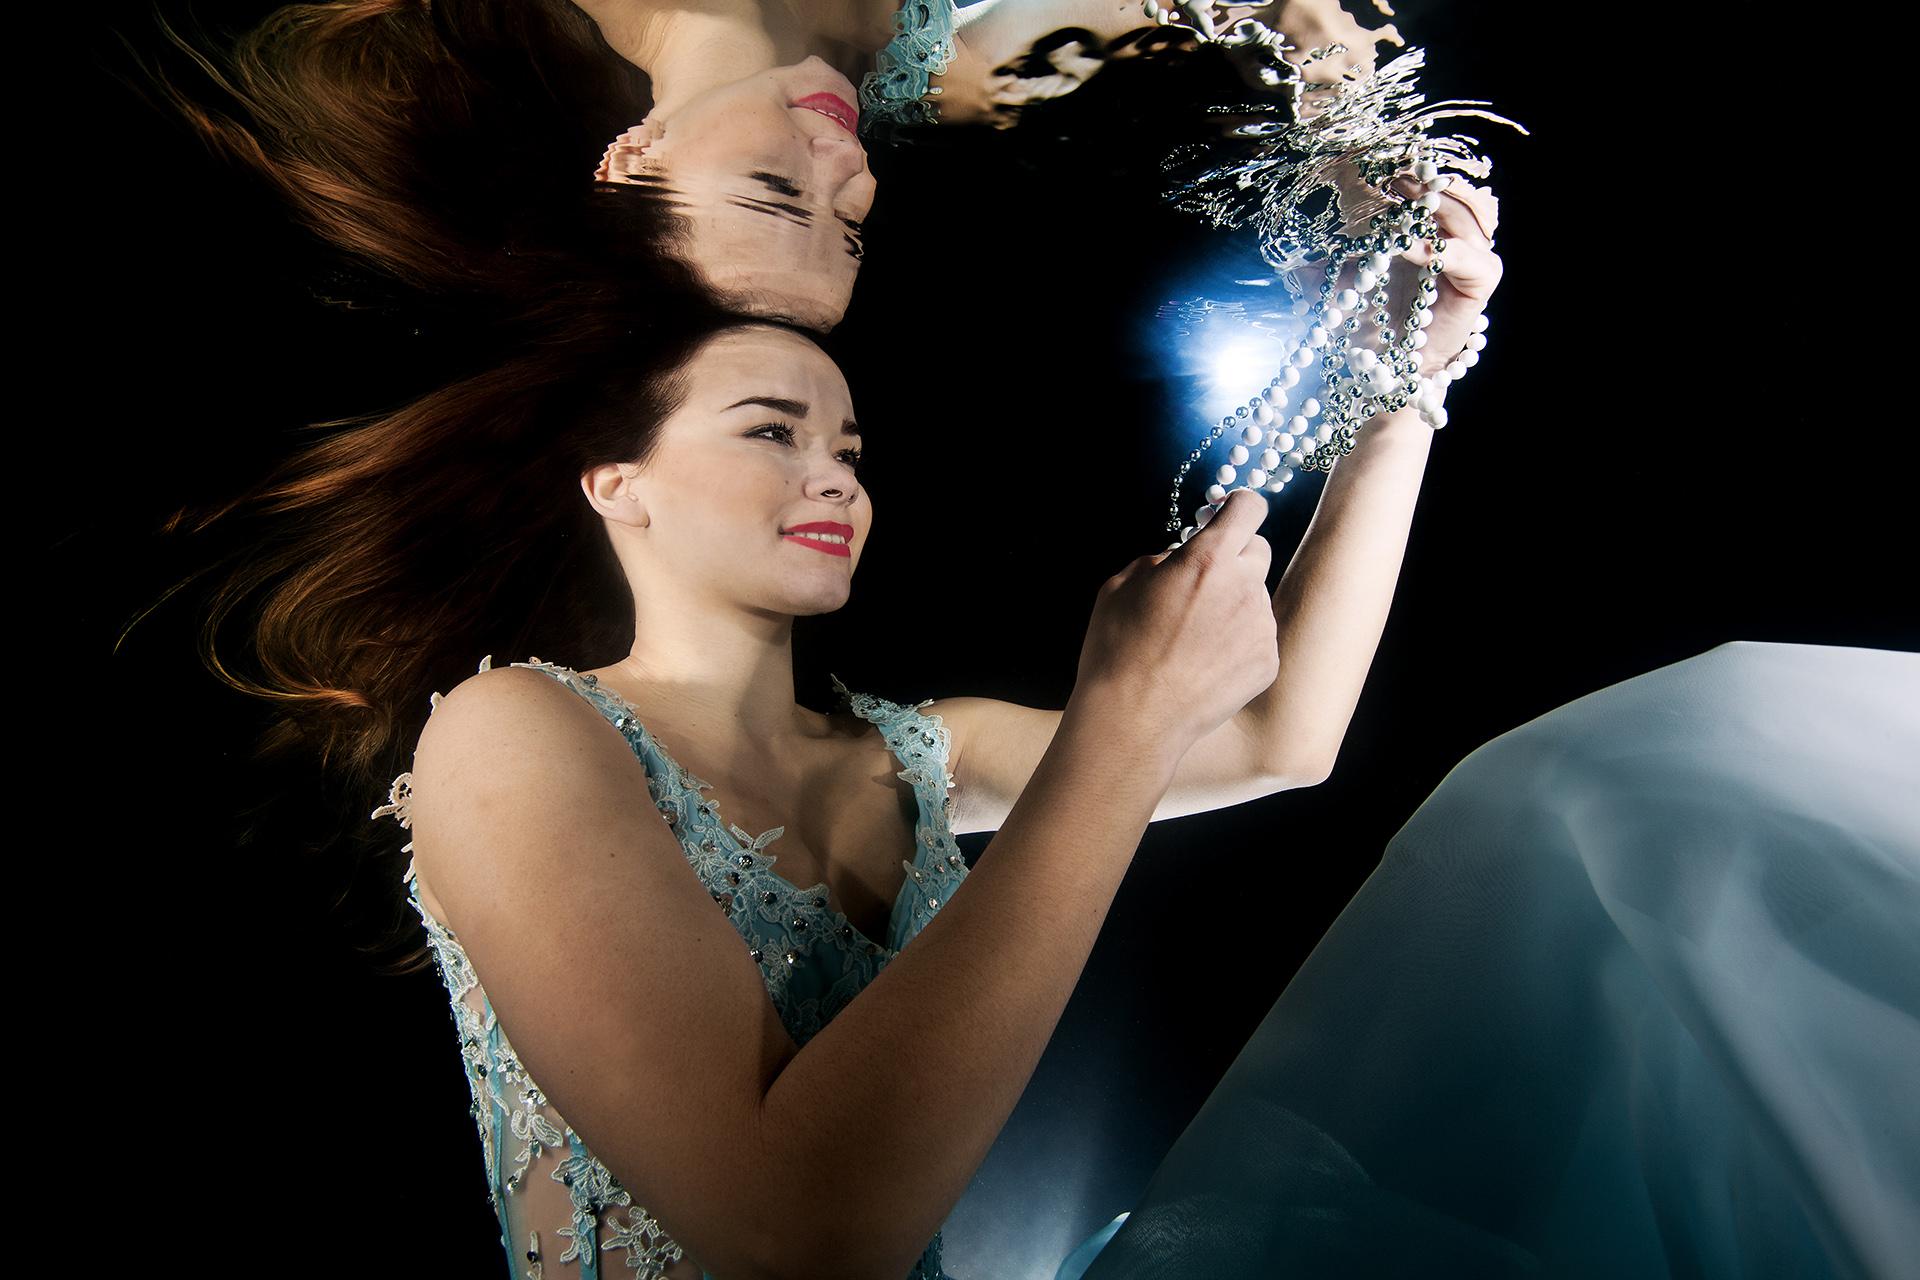 Unterwassershooting im Abendkleid – Abgetaucht mit Ex Miss Vorarlberg